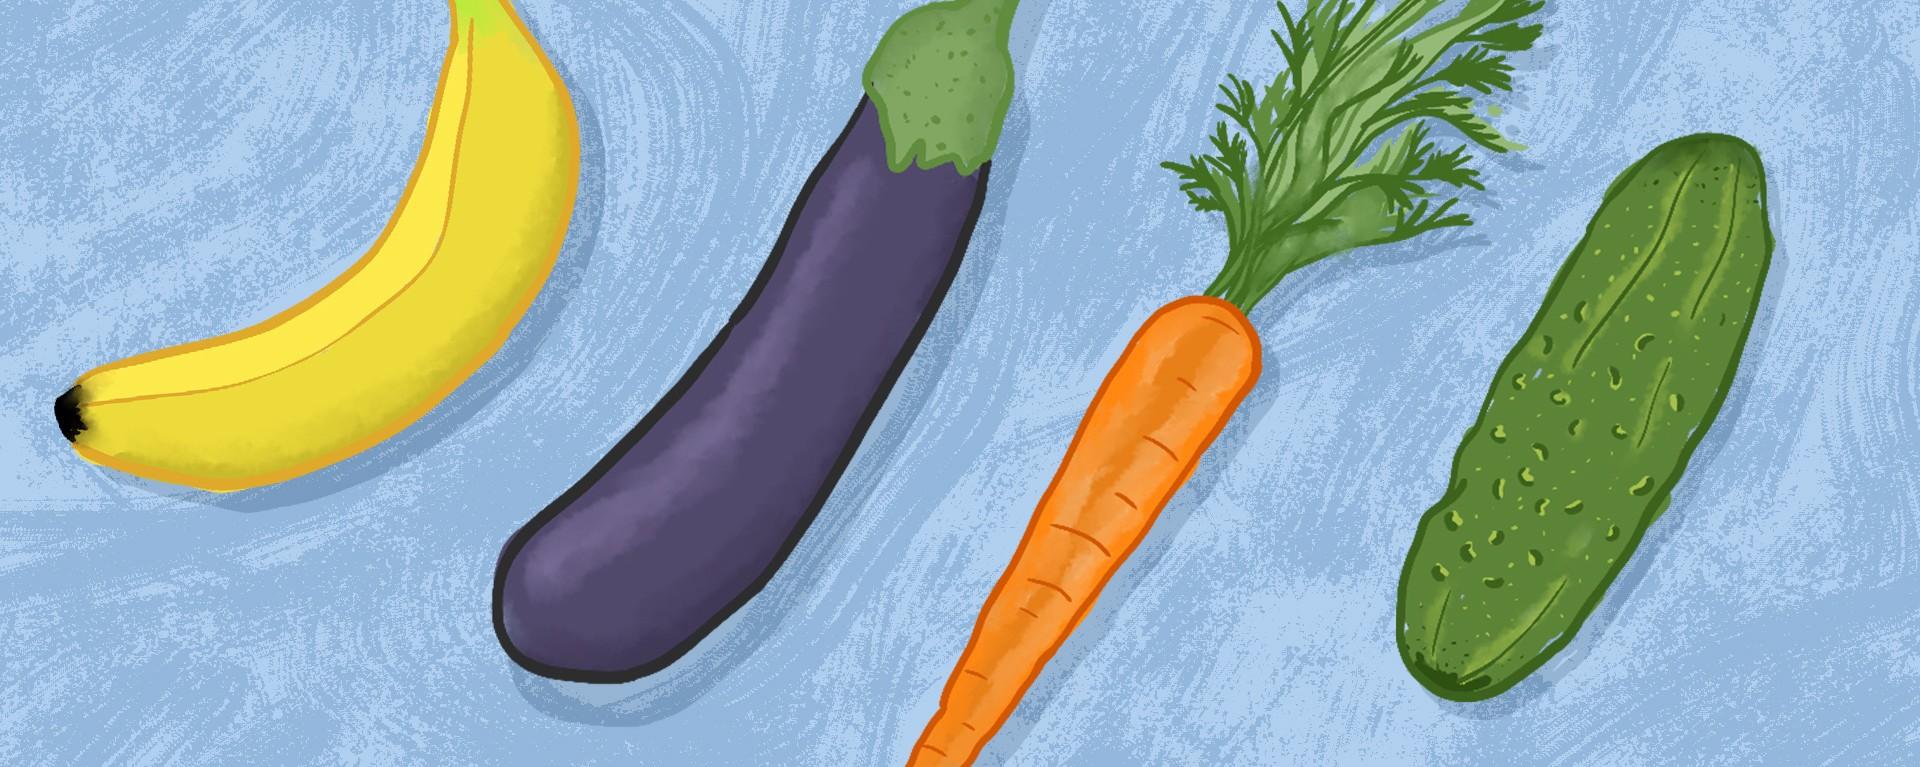 forma penisului morcov erecția cu ibuprofen